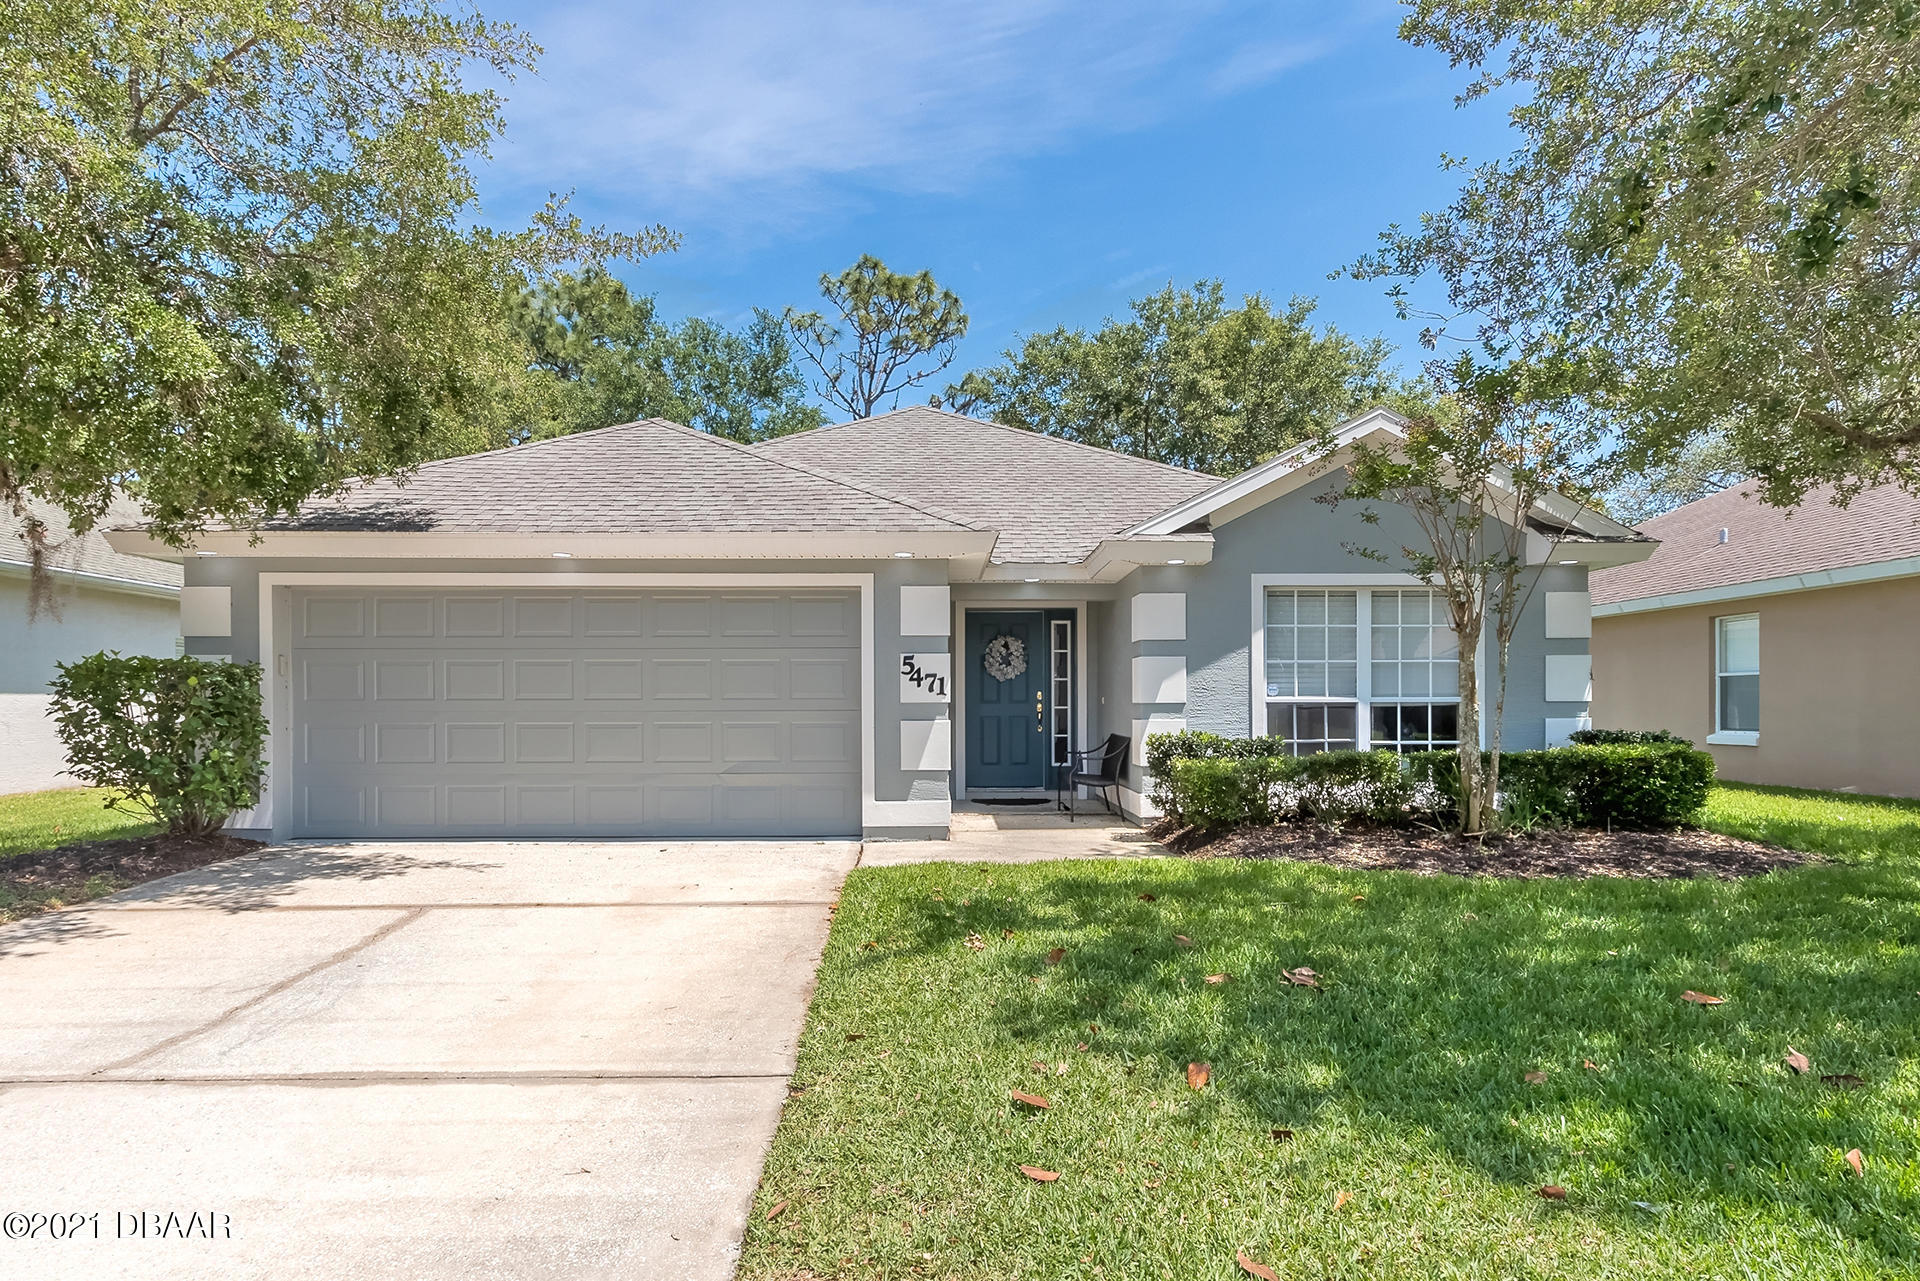 Photo of 5471 Ward Lake Drive, Port Orange, FL 32128